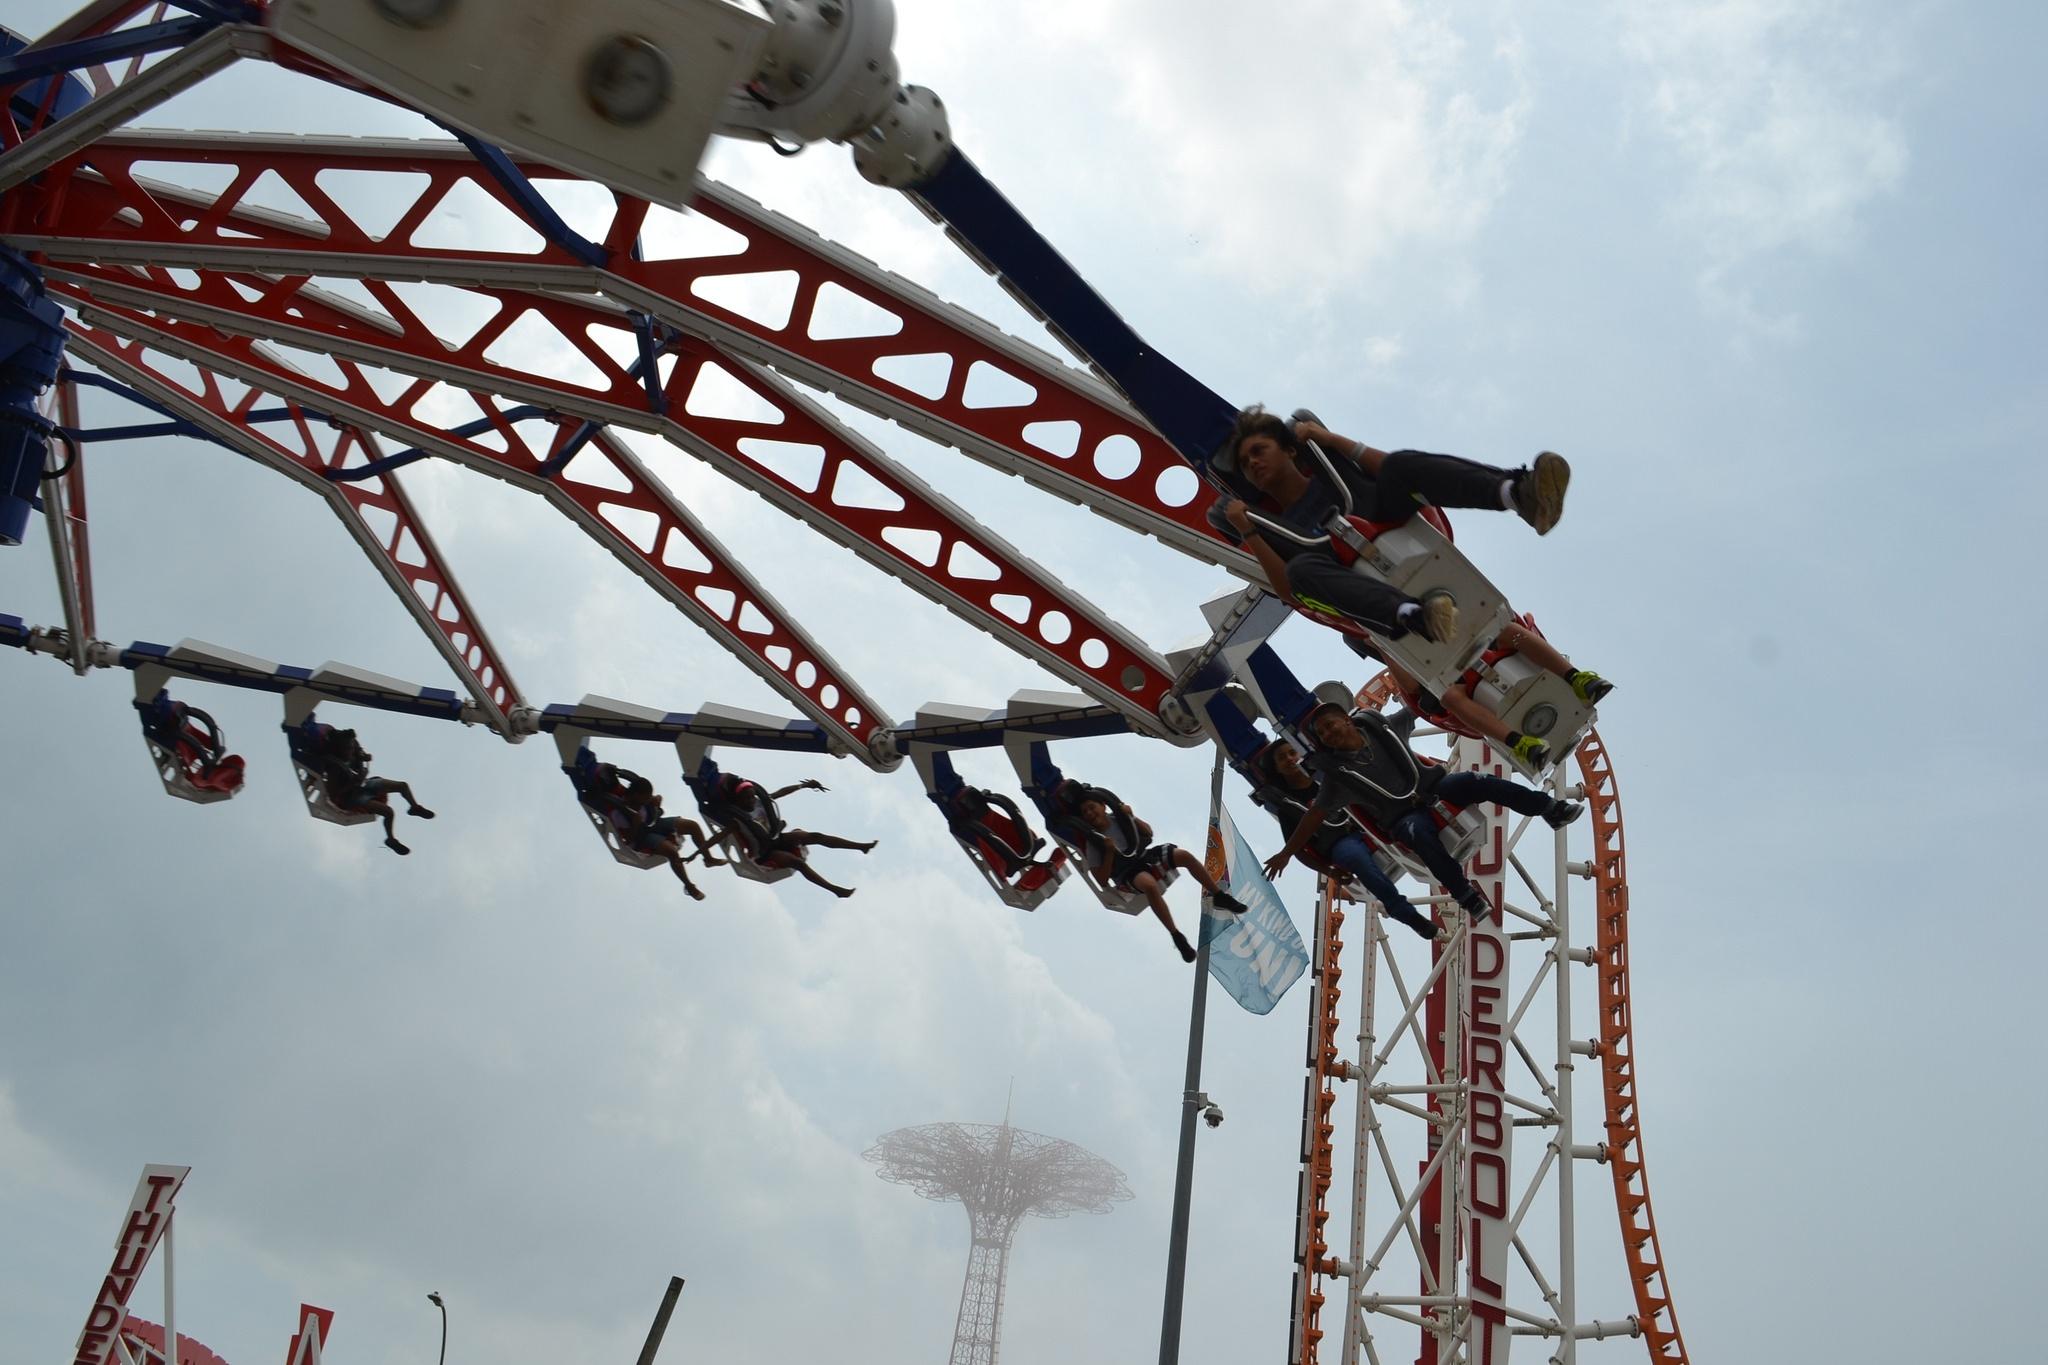 attraction at a luna park, coney island